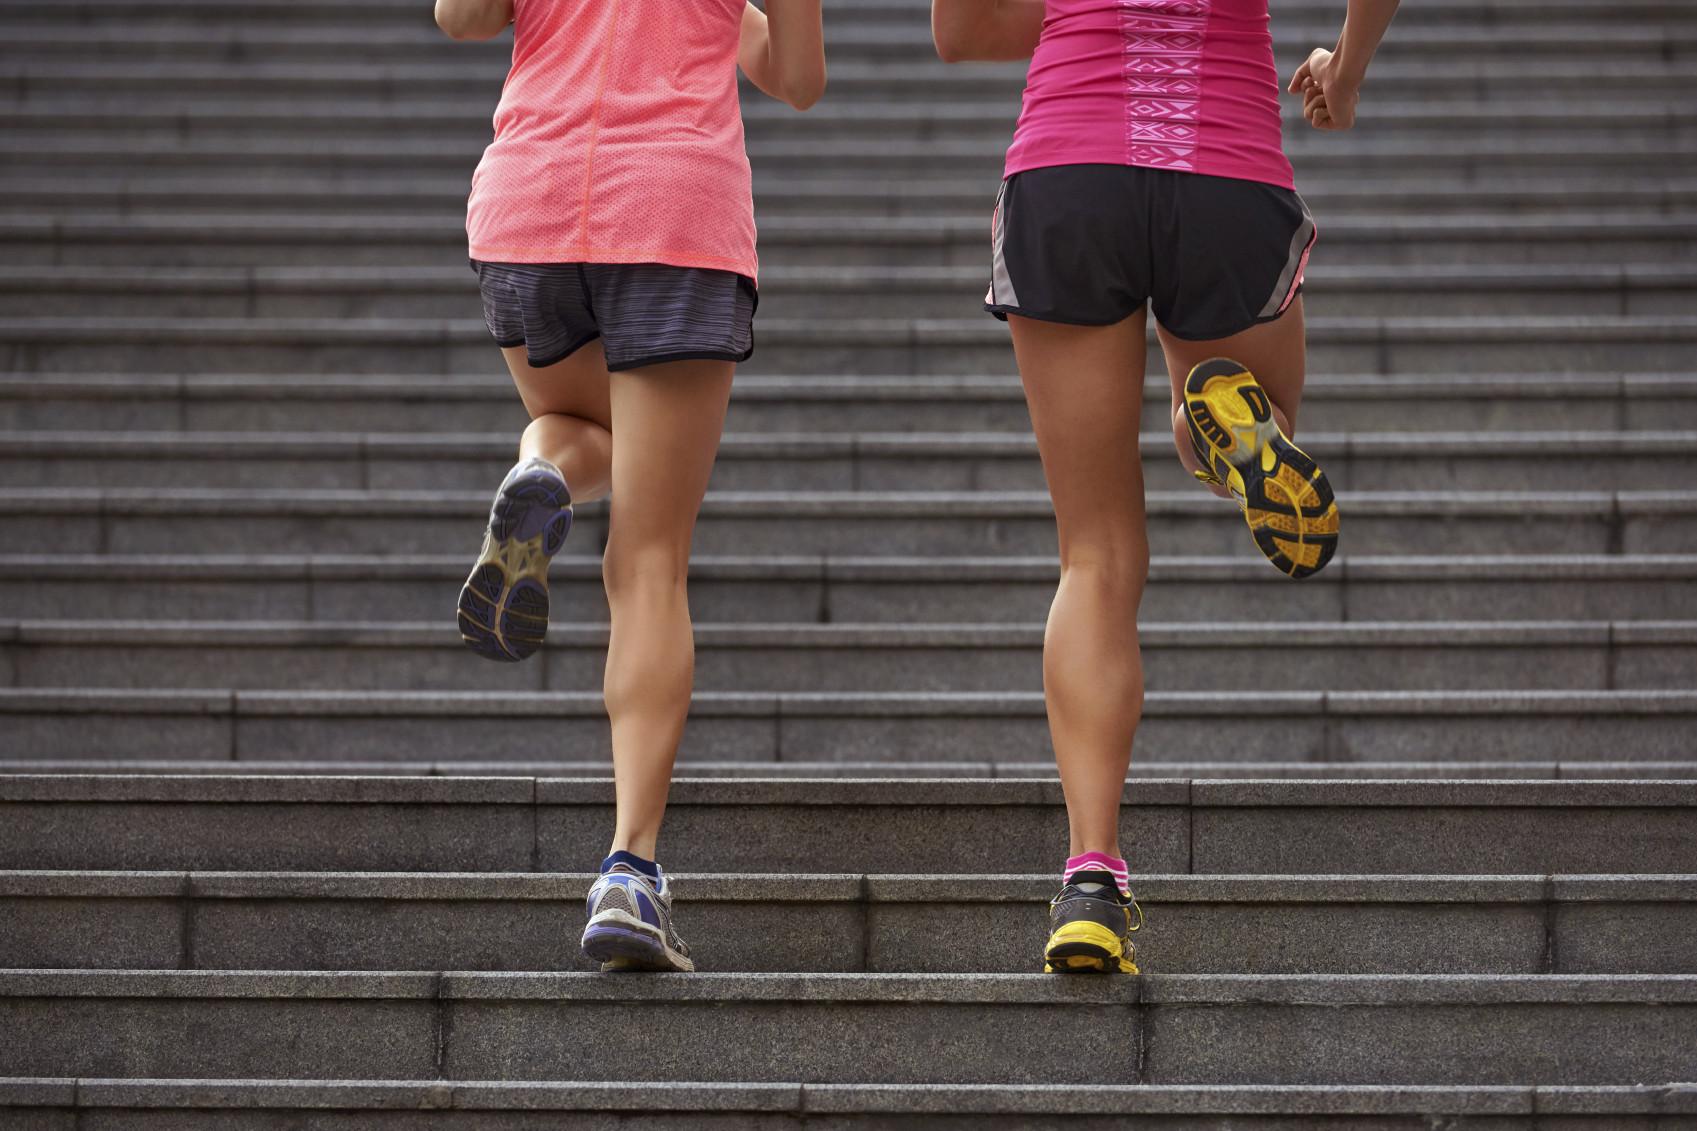 Piernas todav a m s bonitas con estos ejercicios en for Escaleras bonitas